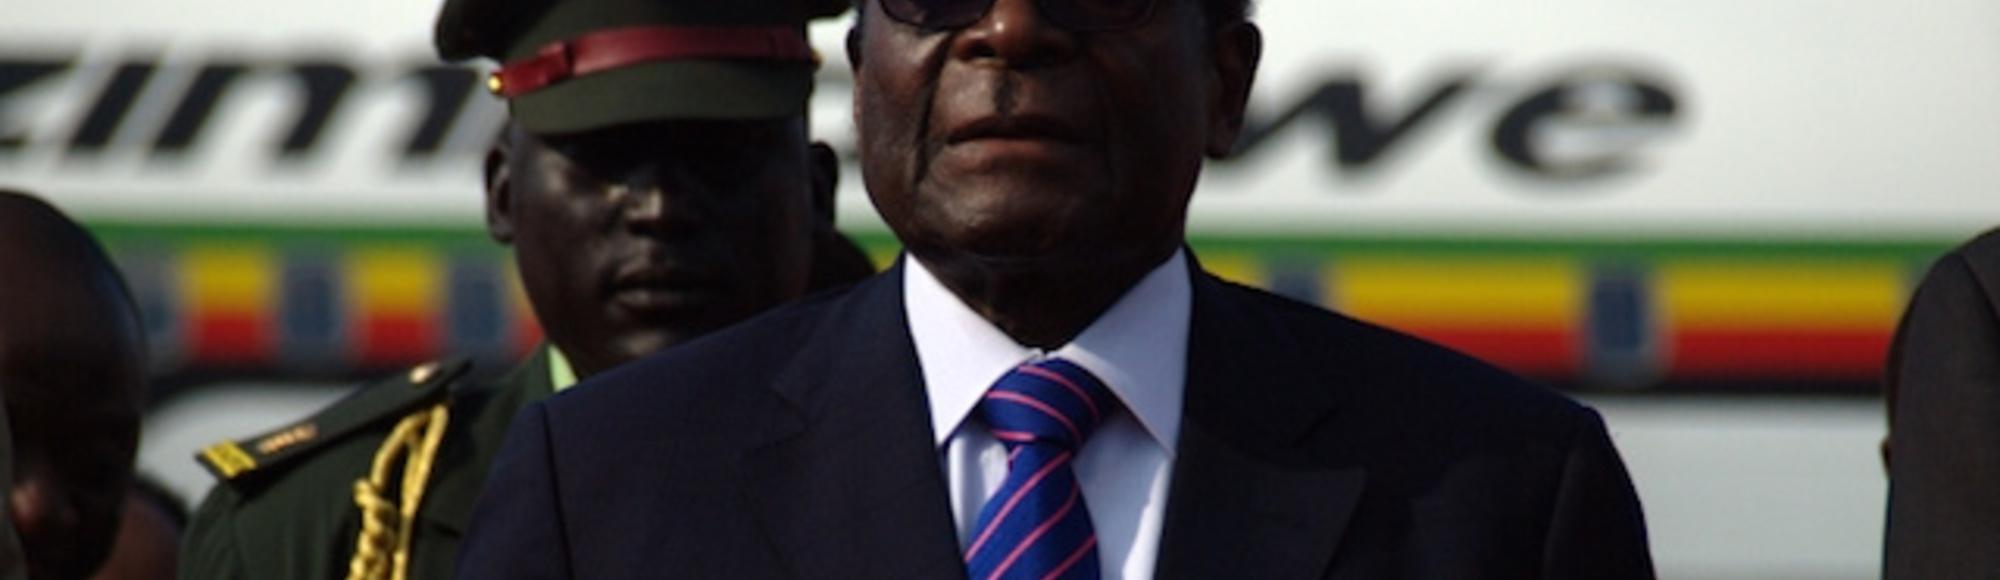 Zimbabwe Has Its Own Anti-Mugabe Whistleblower